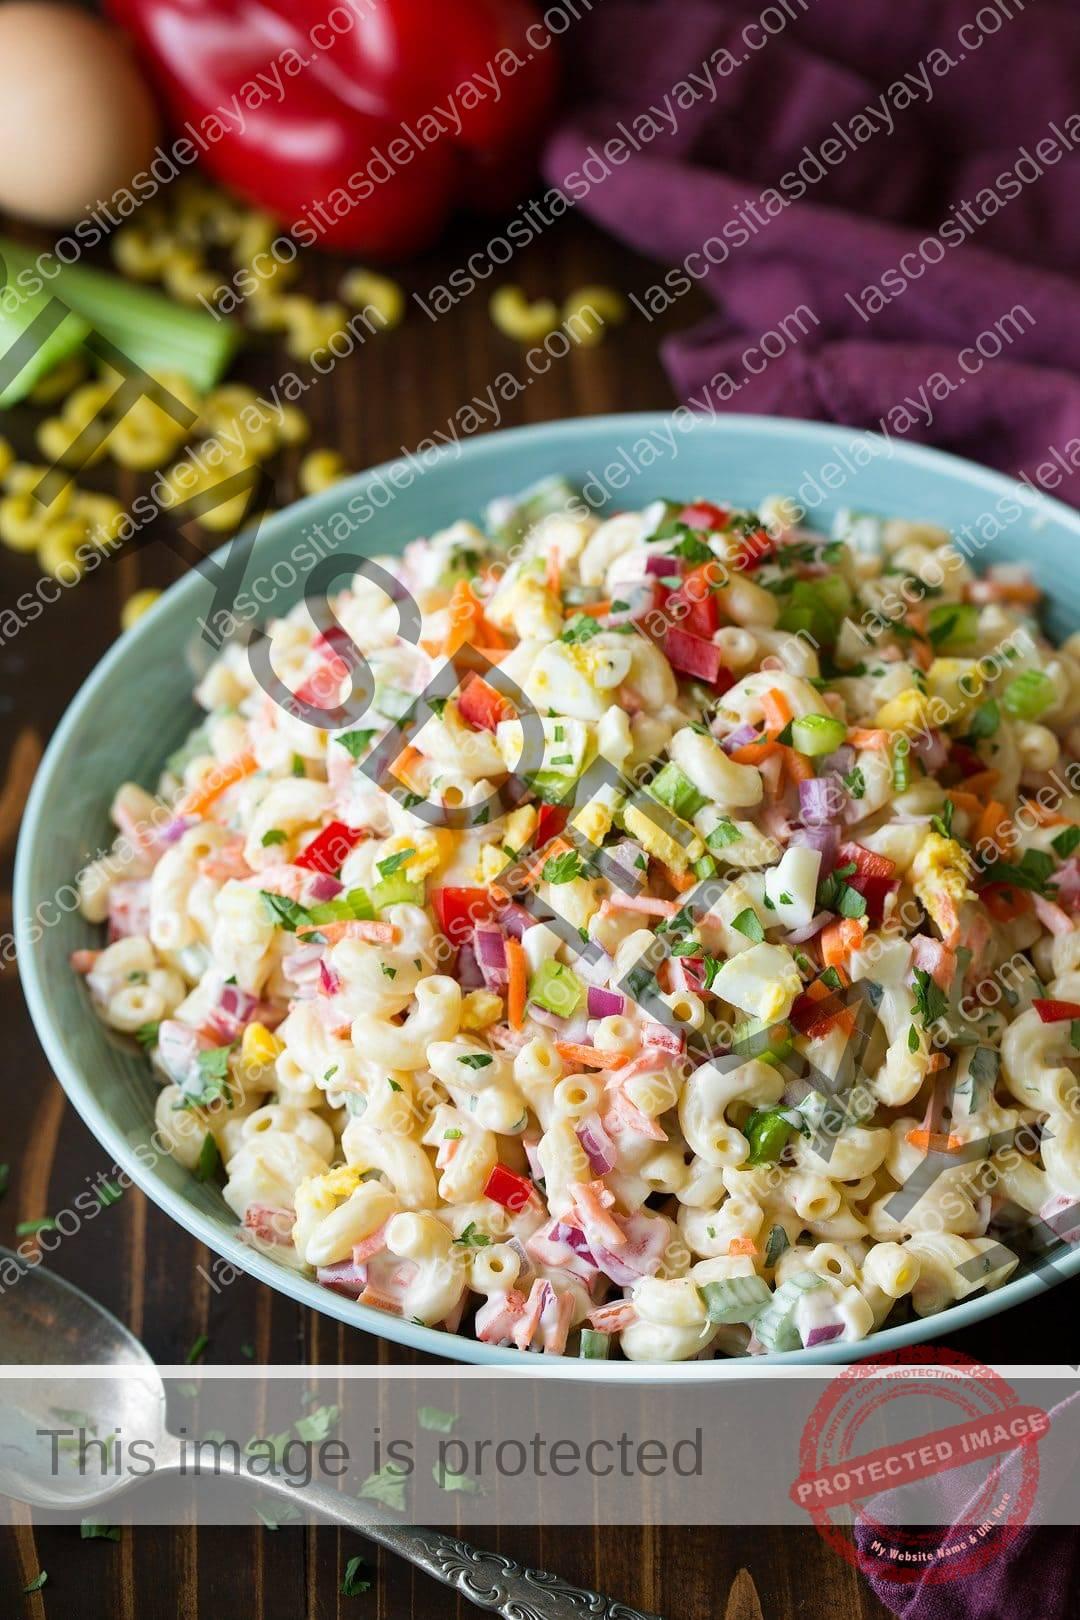 Plato de ensalada de pasta con cebolla morada, apio, pimientos, zanahorias y huevo